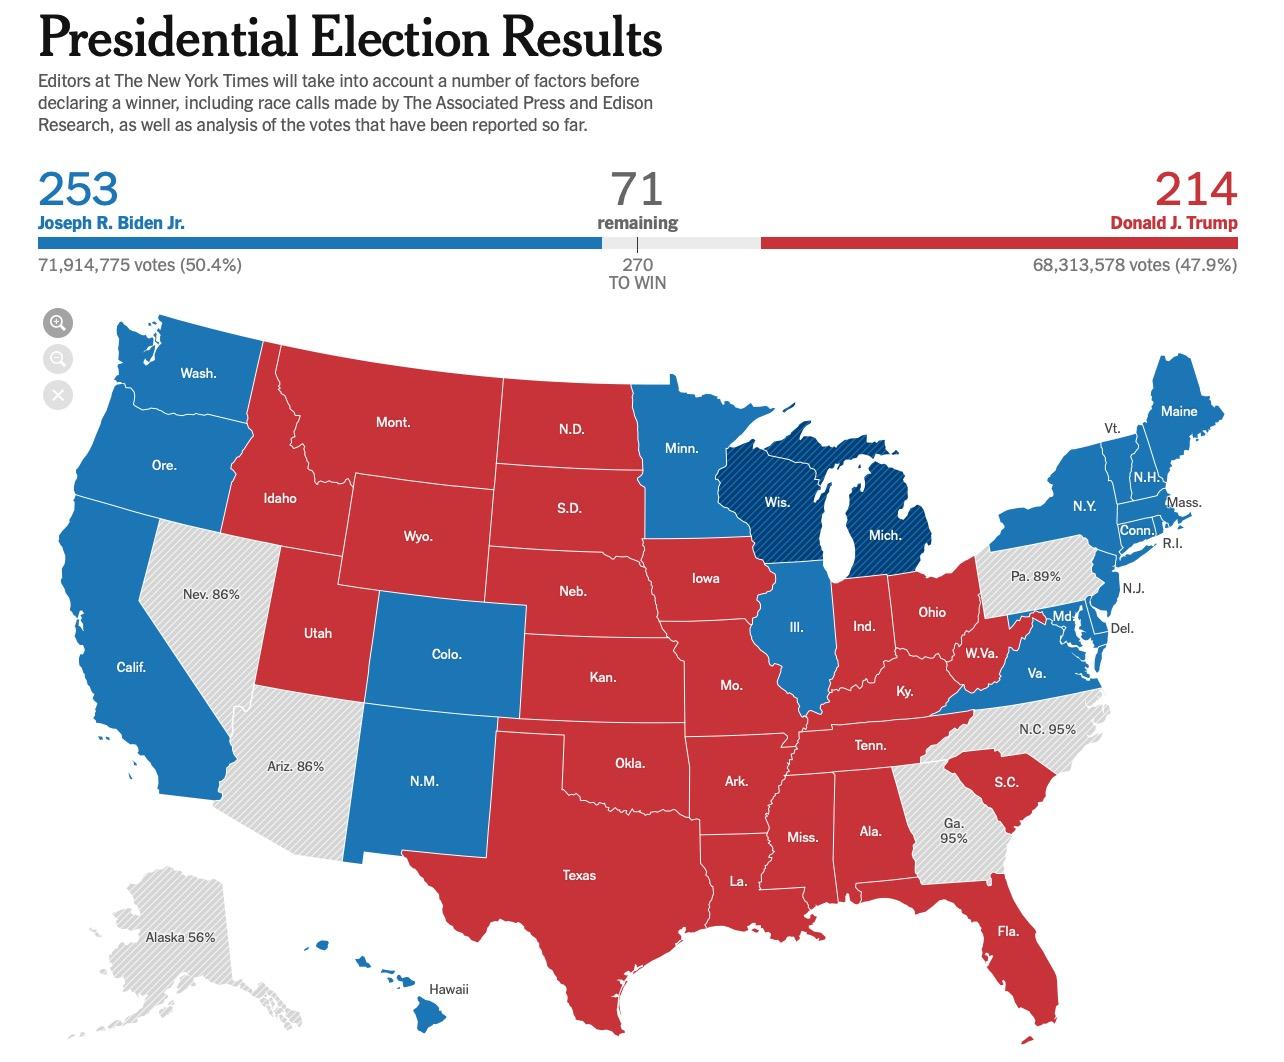 美国大选:还未公布结果的几个州,情况到底如何了?